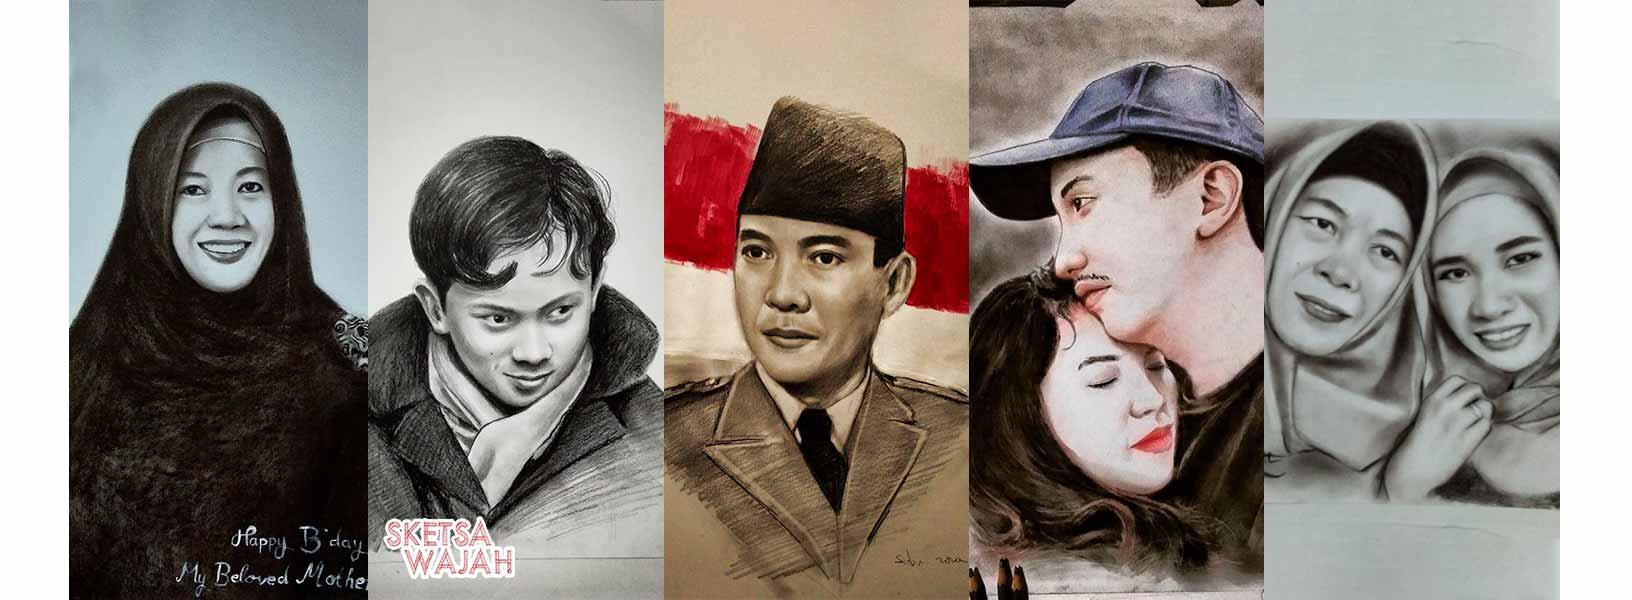 Karya Sidik Ardiansyah sketcher Sketsa Wajah